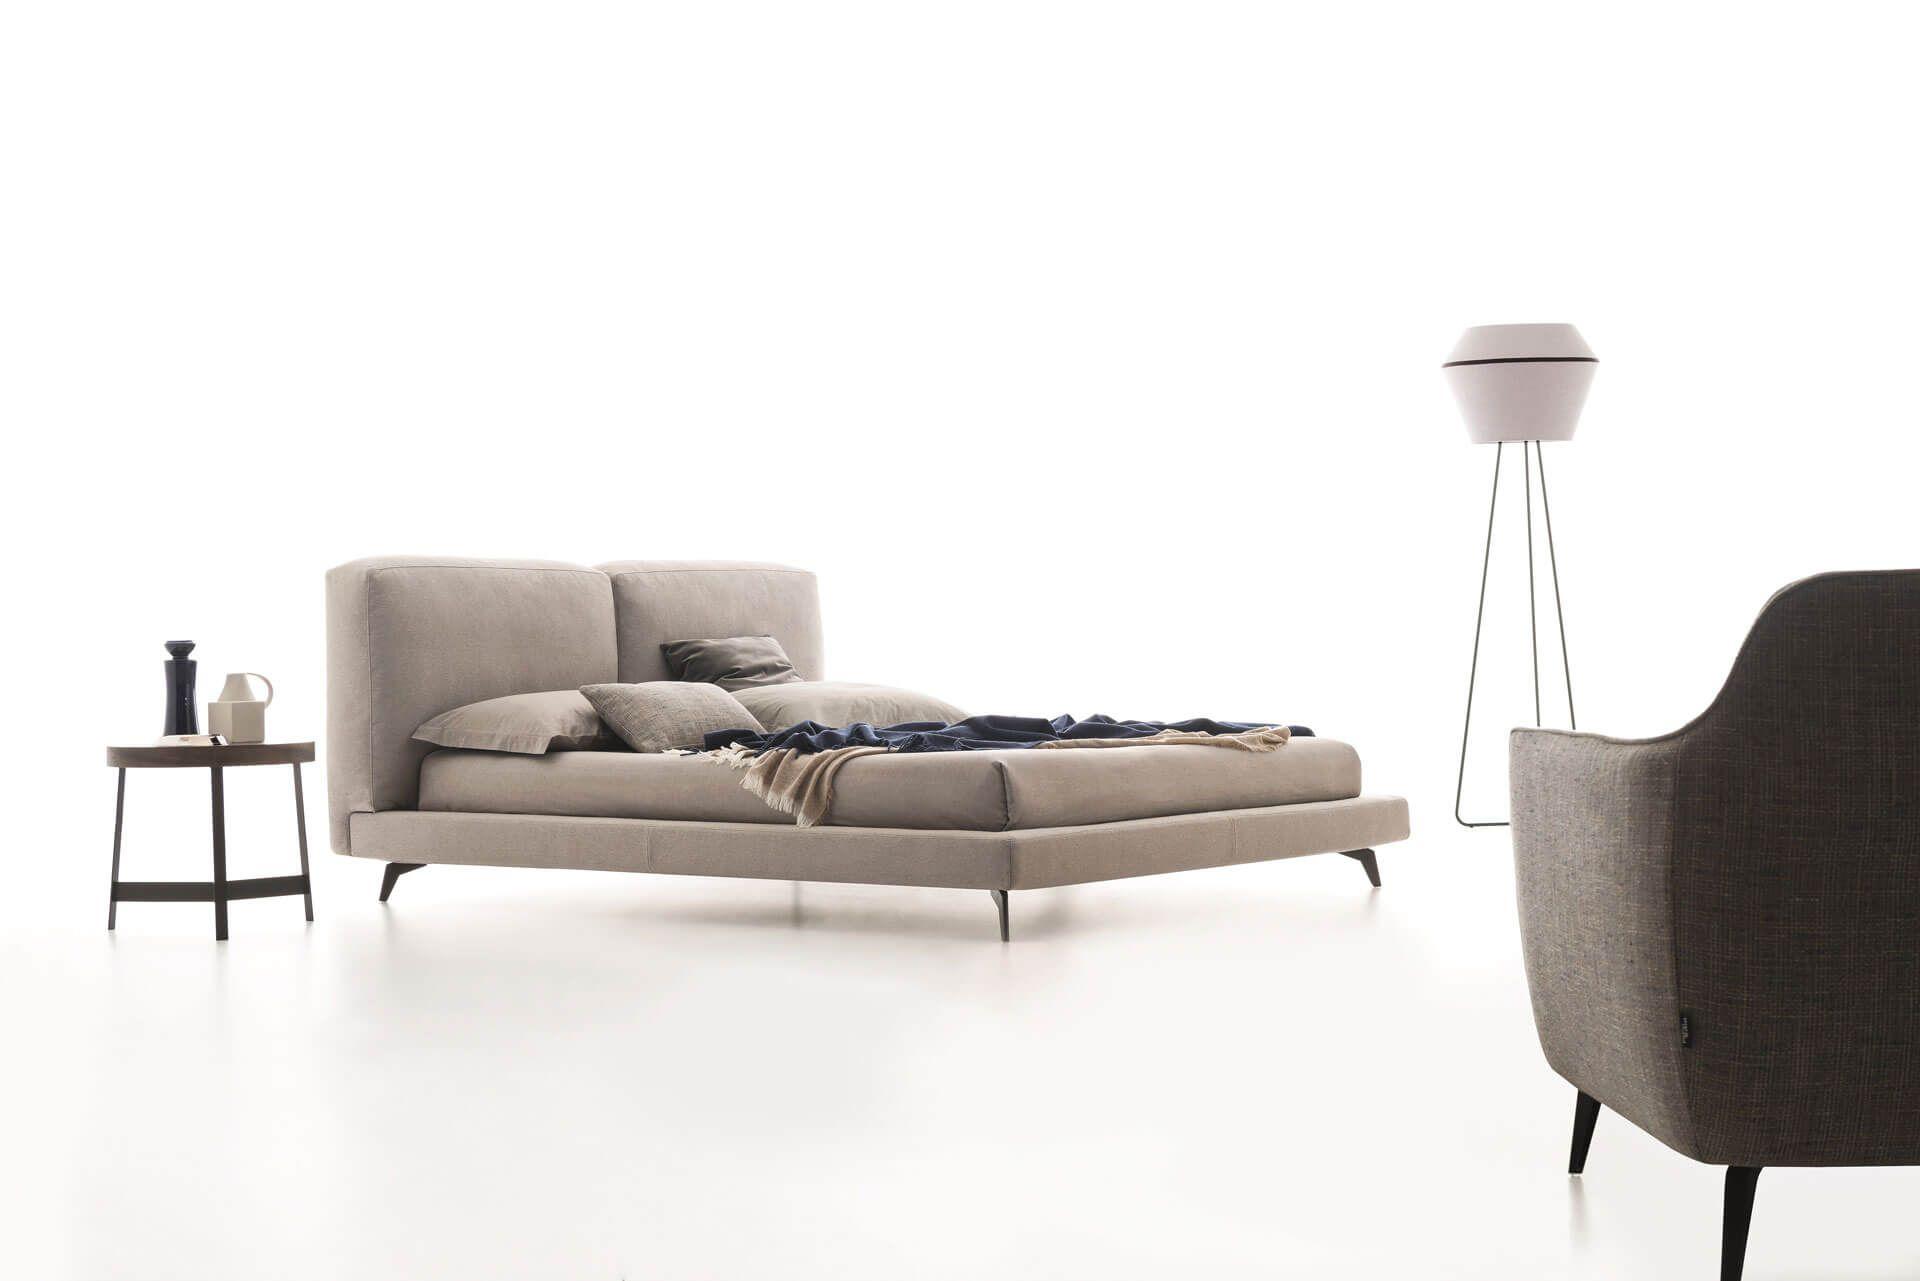 Designermöbel im von Lederbett, Bett ideen